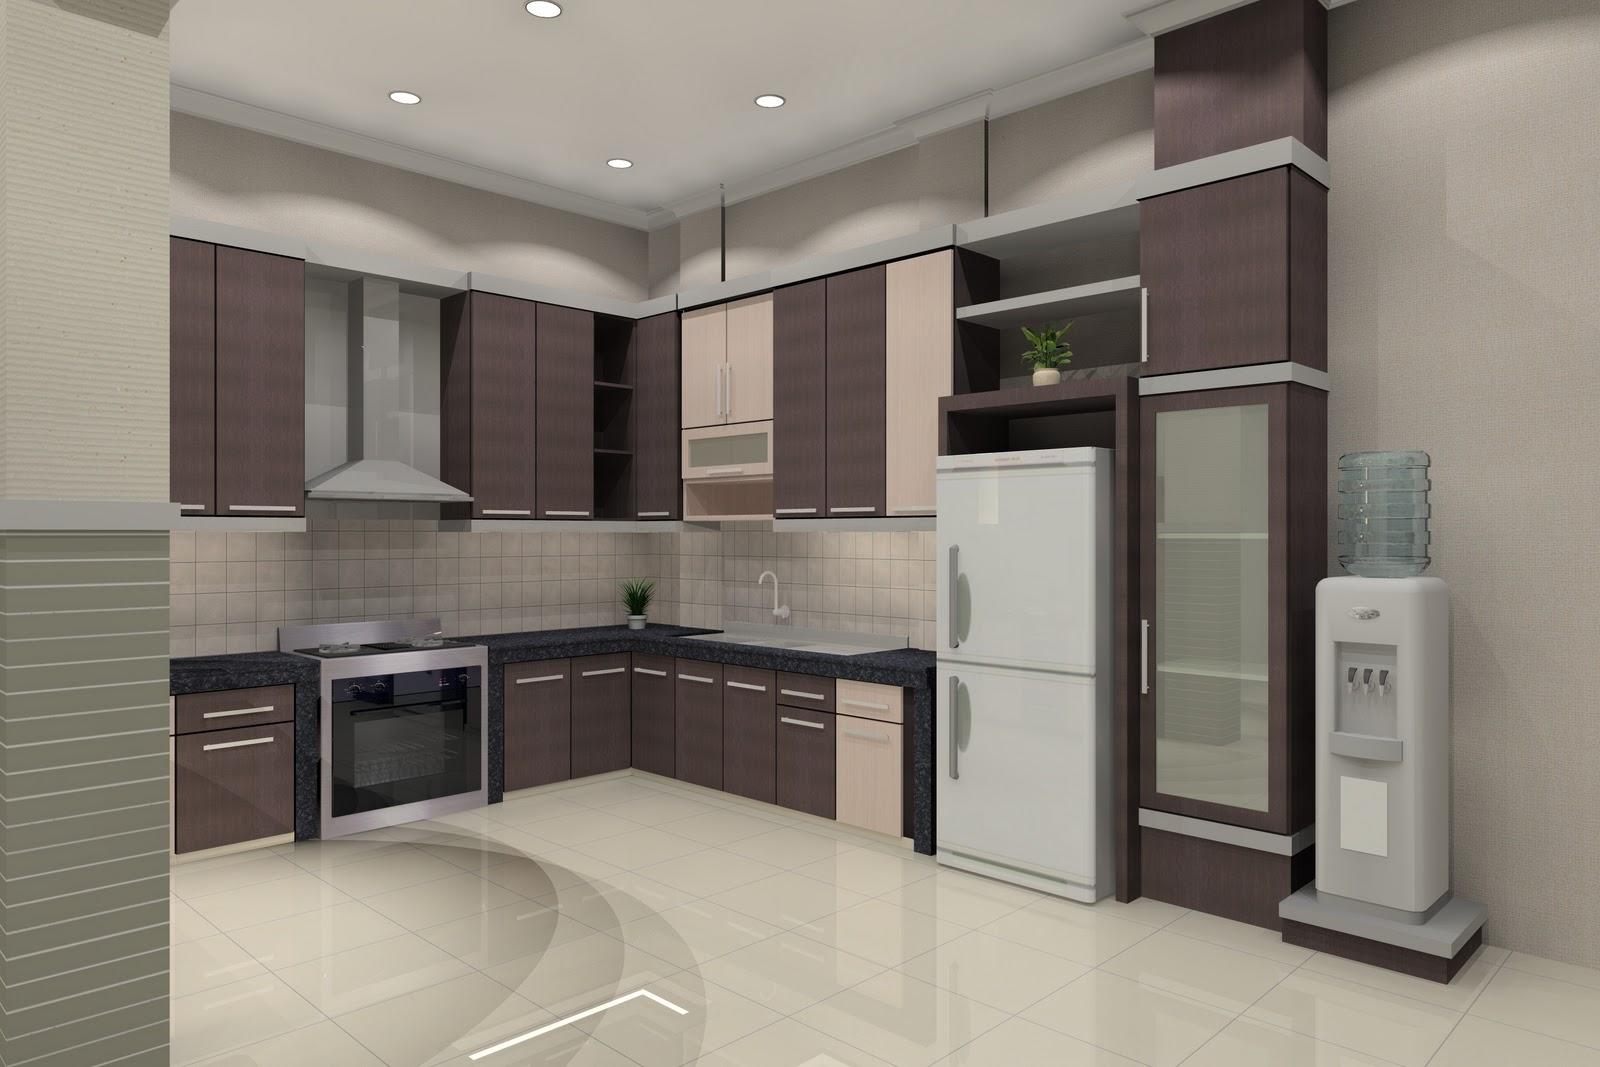 Interior Rumah Minimalis ~ Desain Interior Minimalis ...